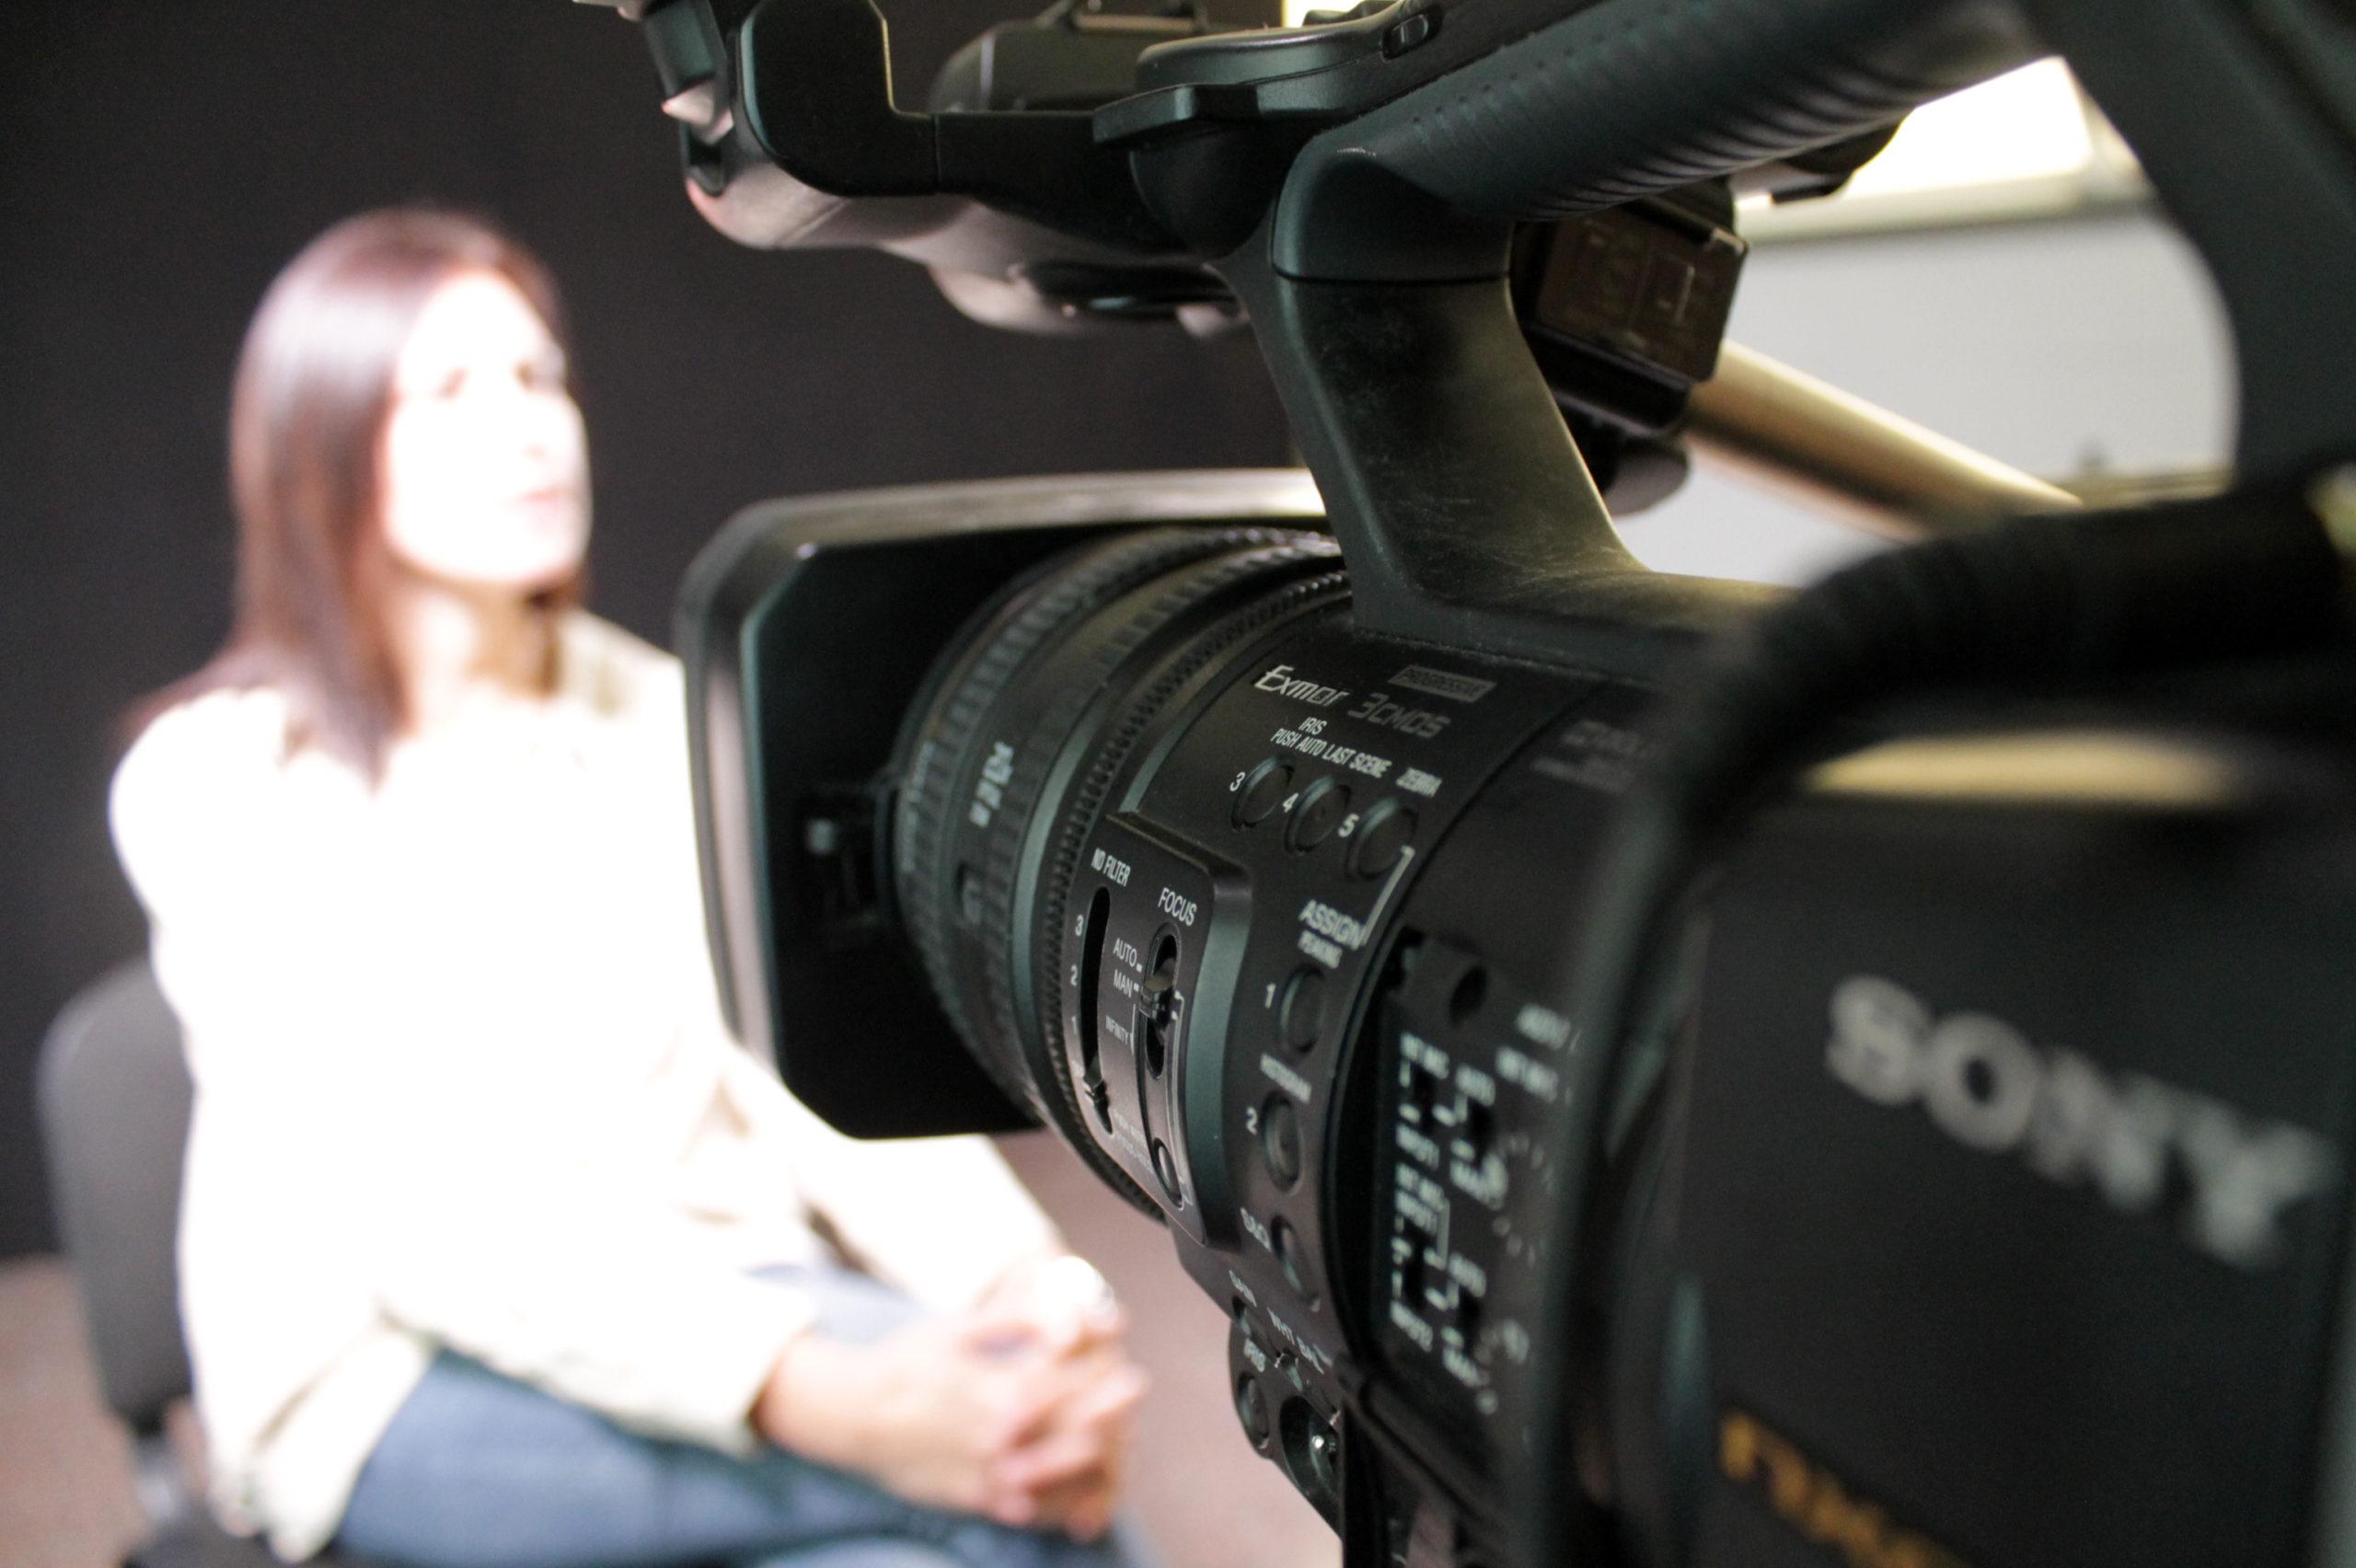 """15 dones de Roses protagonitzen l'audiovisual """"La nostra veu. Experiències compartides"""" sobre igualtat de gènere"""